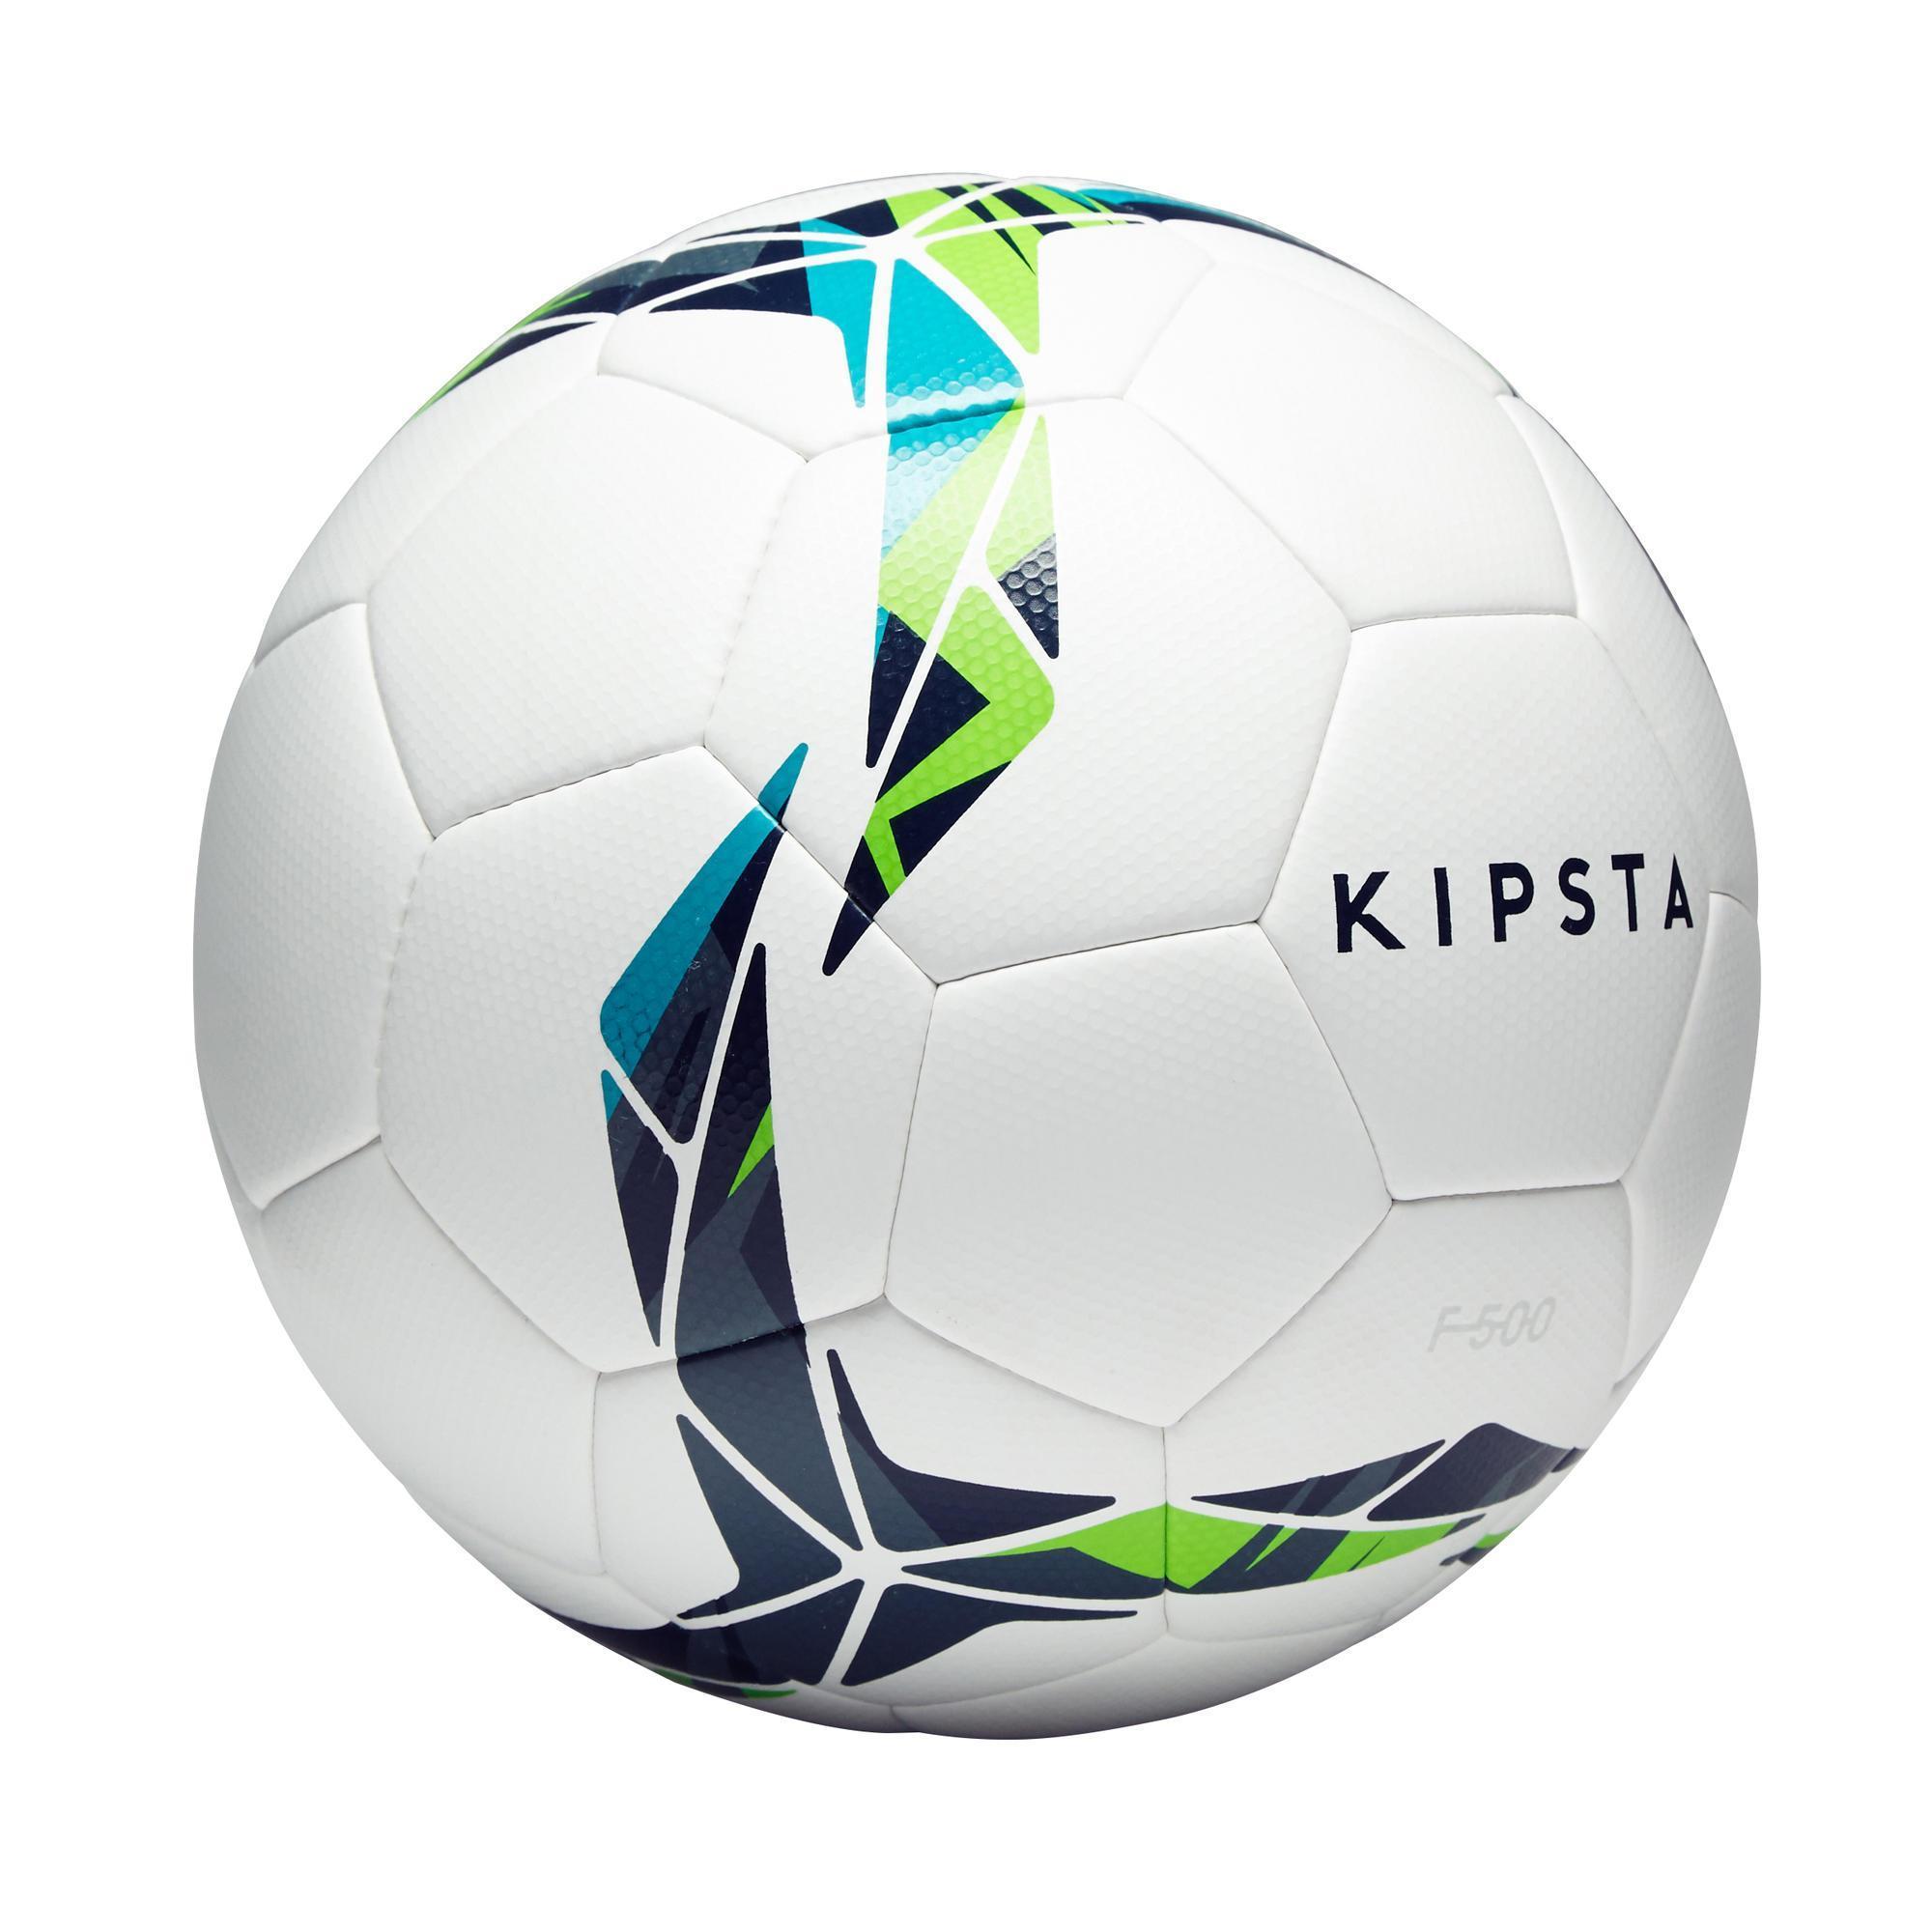 Kipsta Voetbal F500 hybride maat 5 kopen